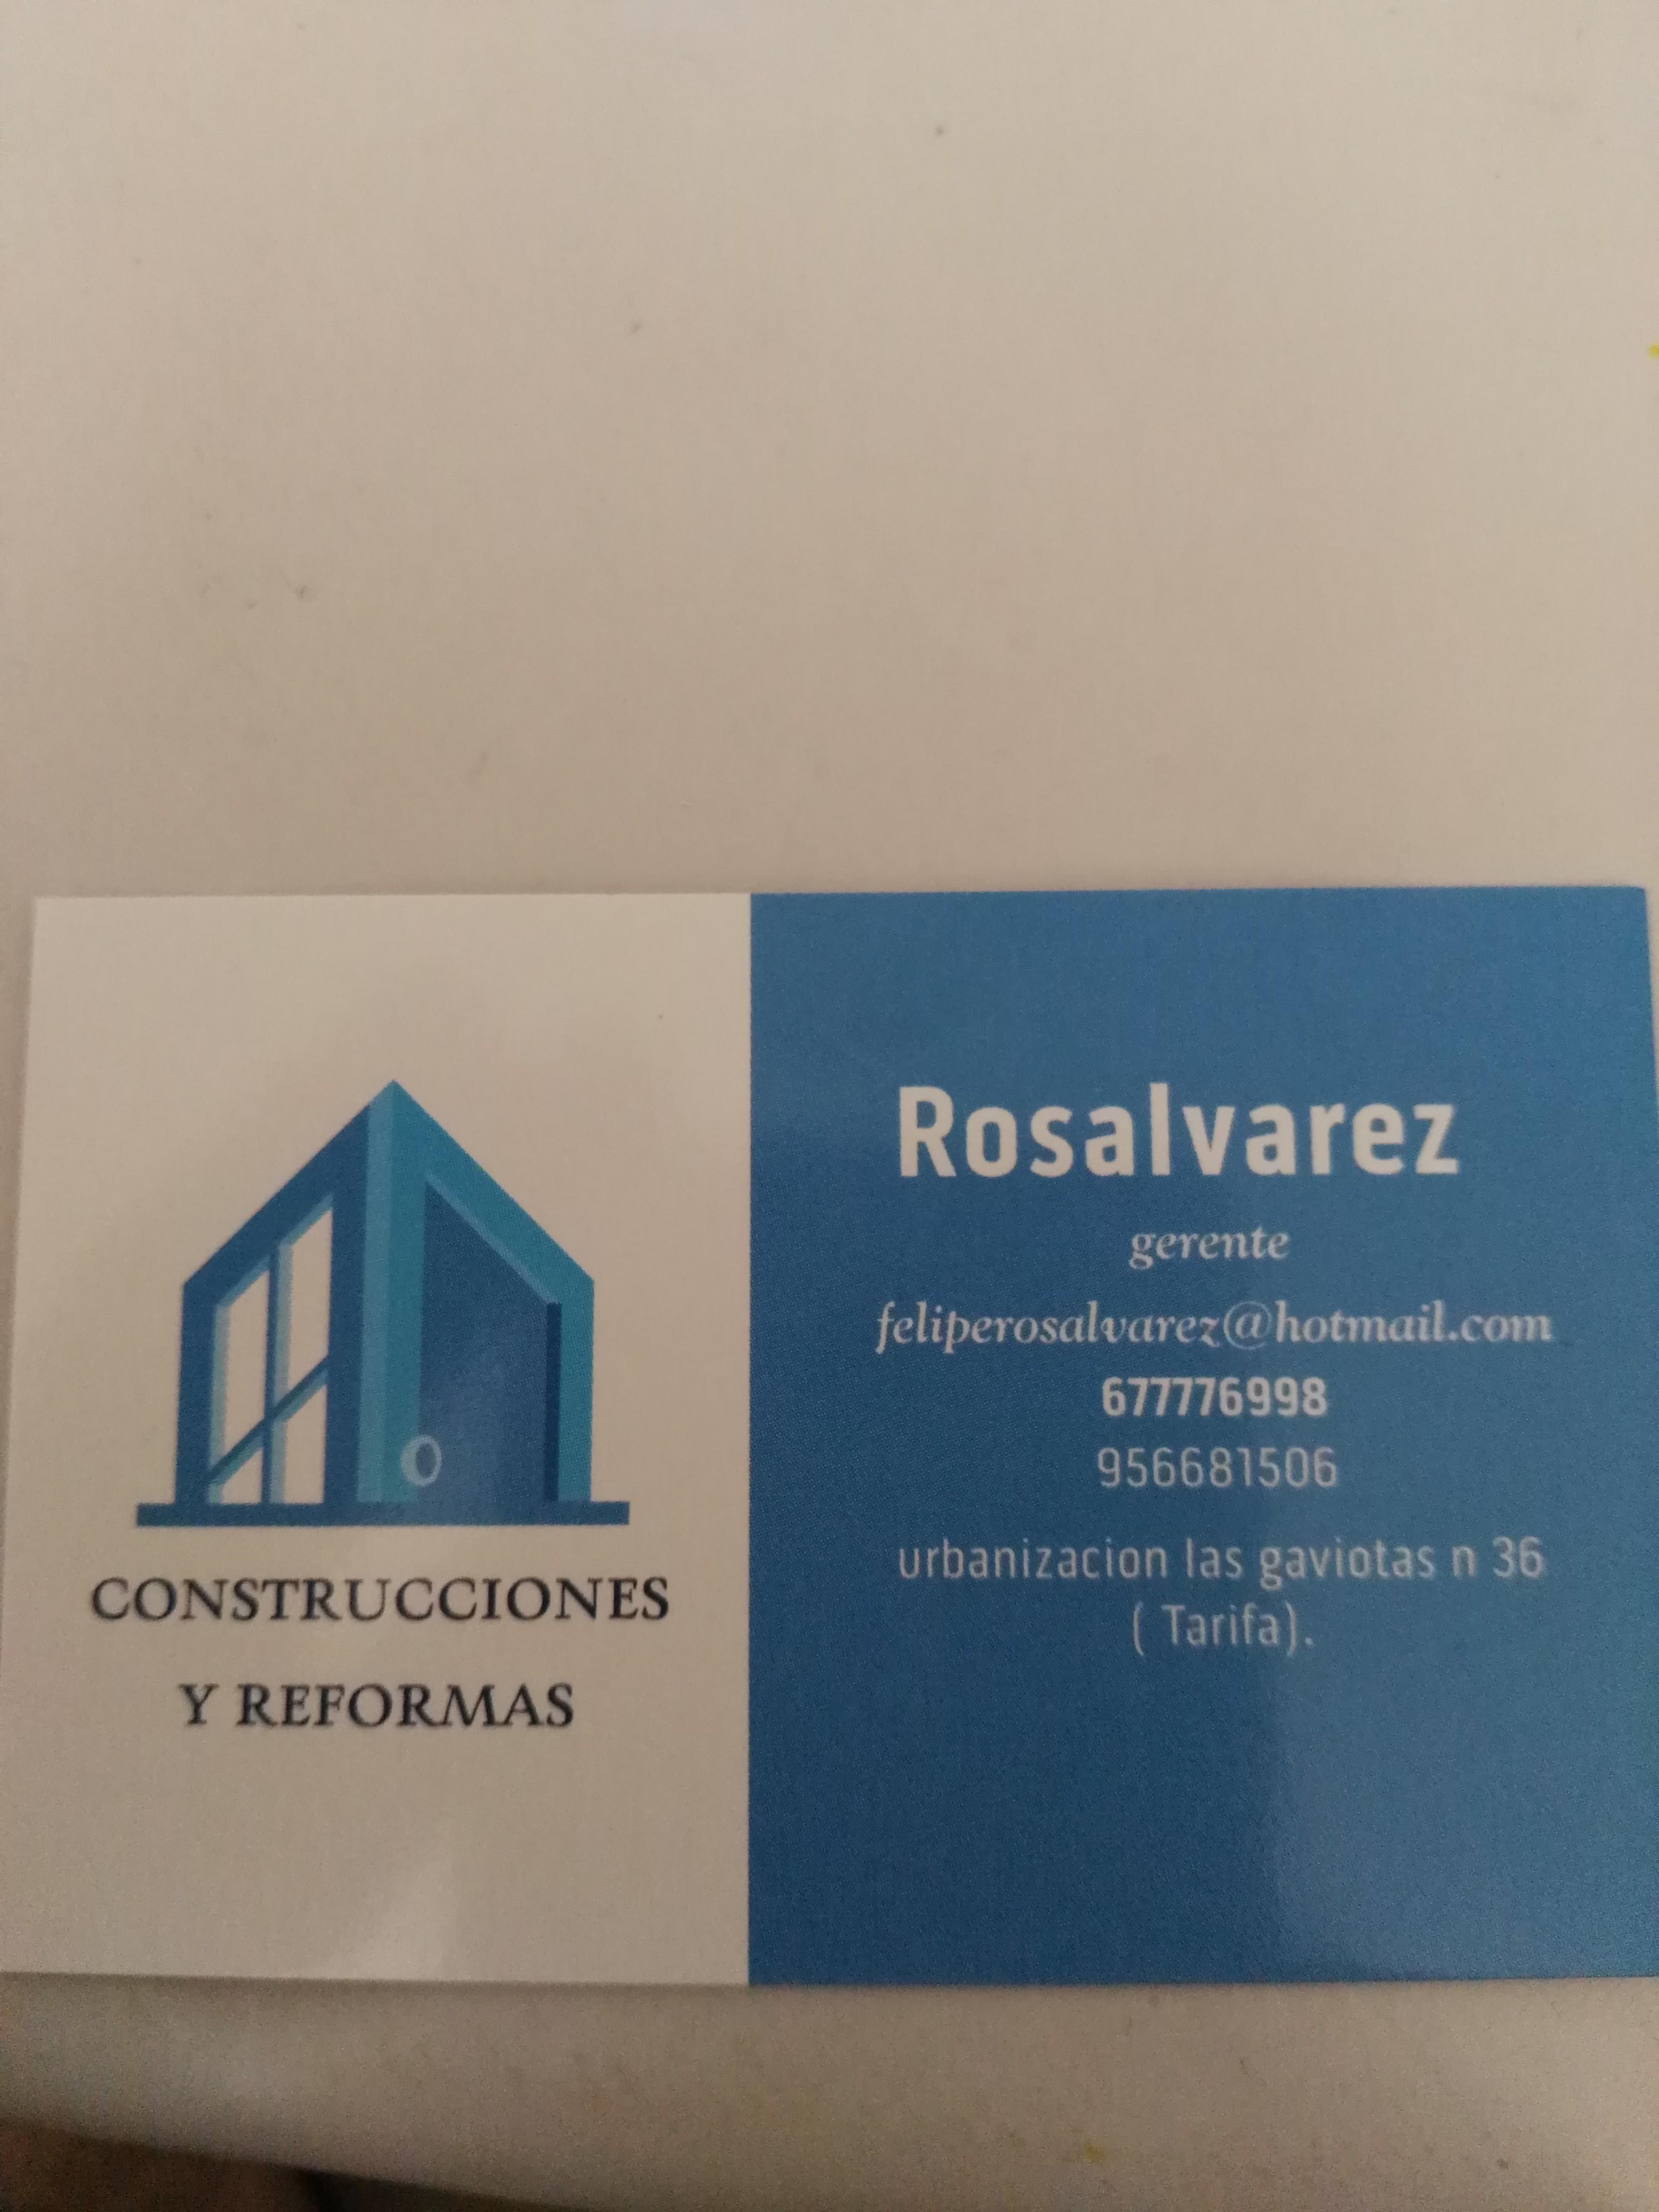 Construcciones Y Reformas Rosalvarez